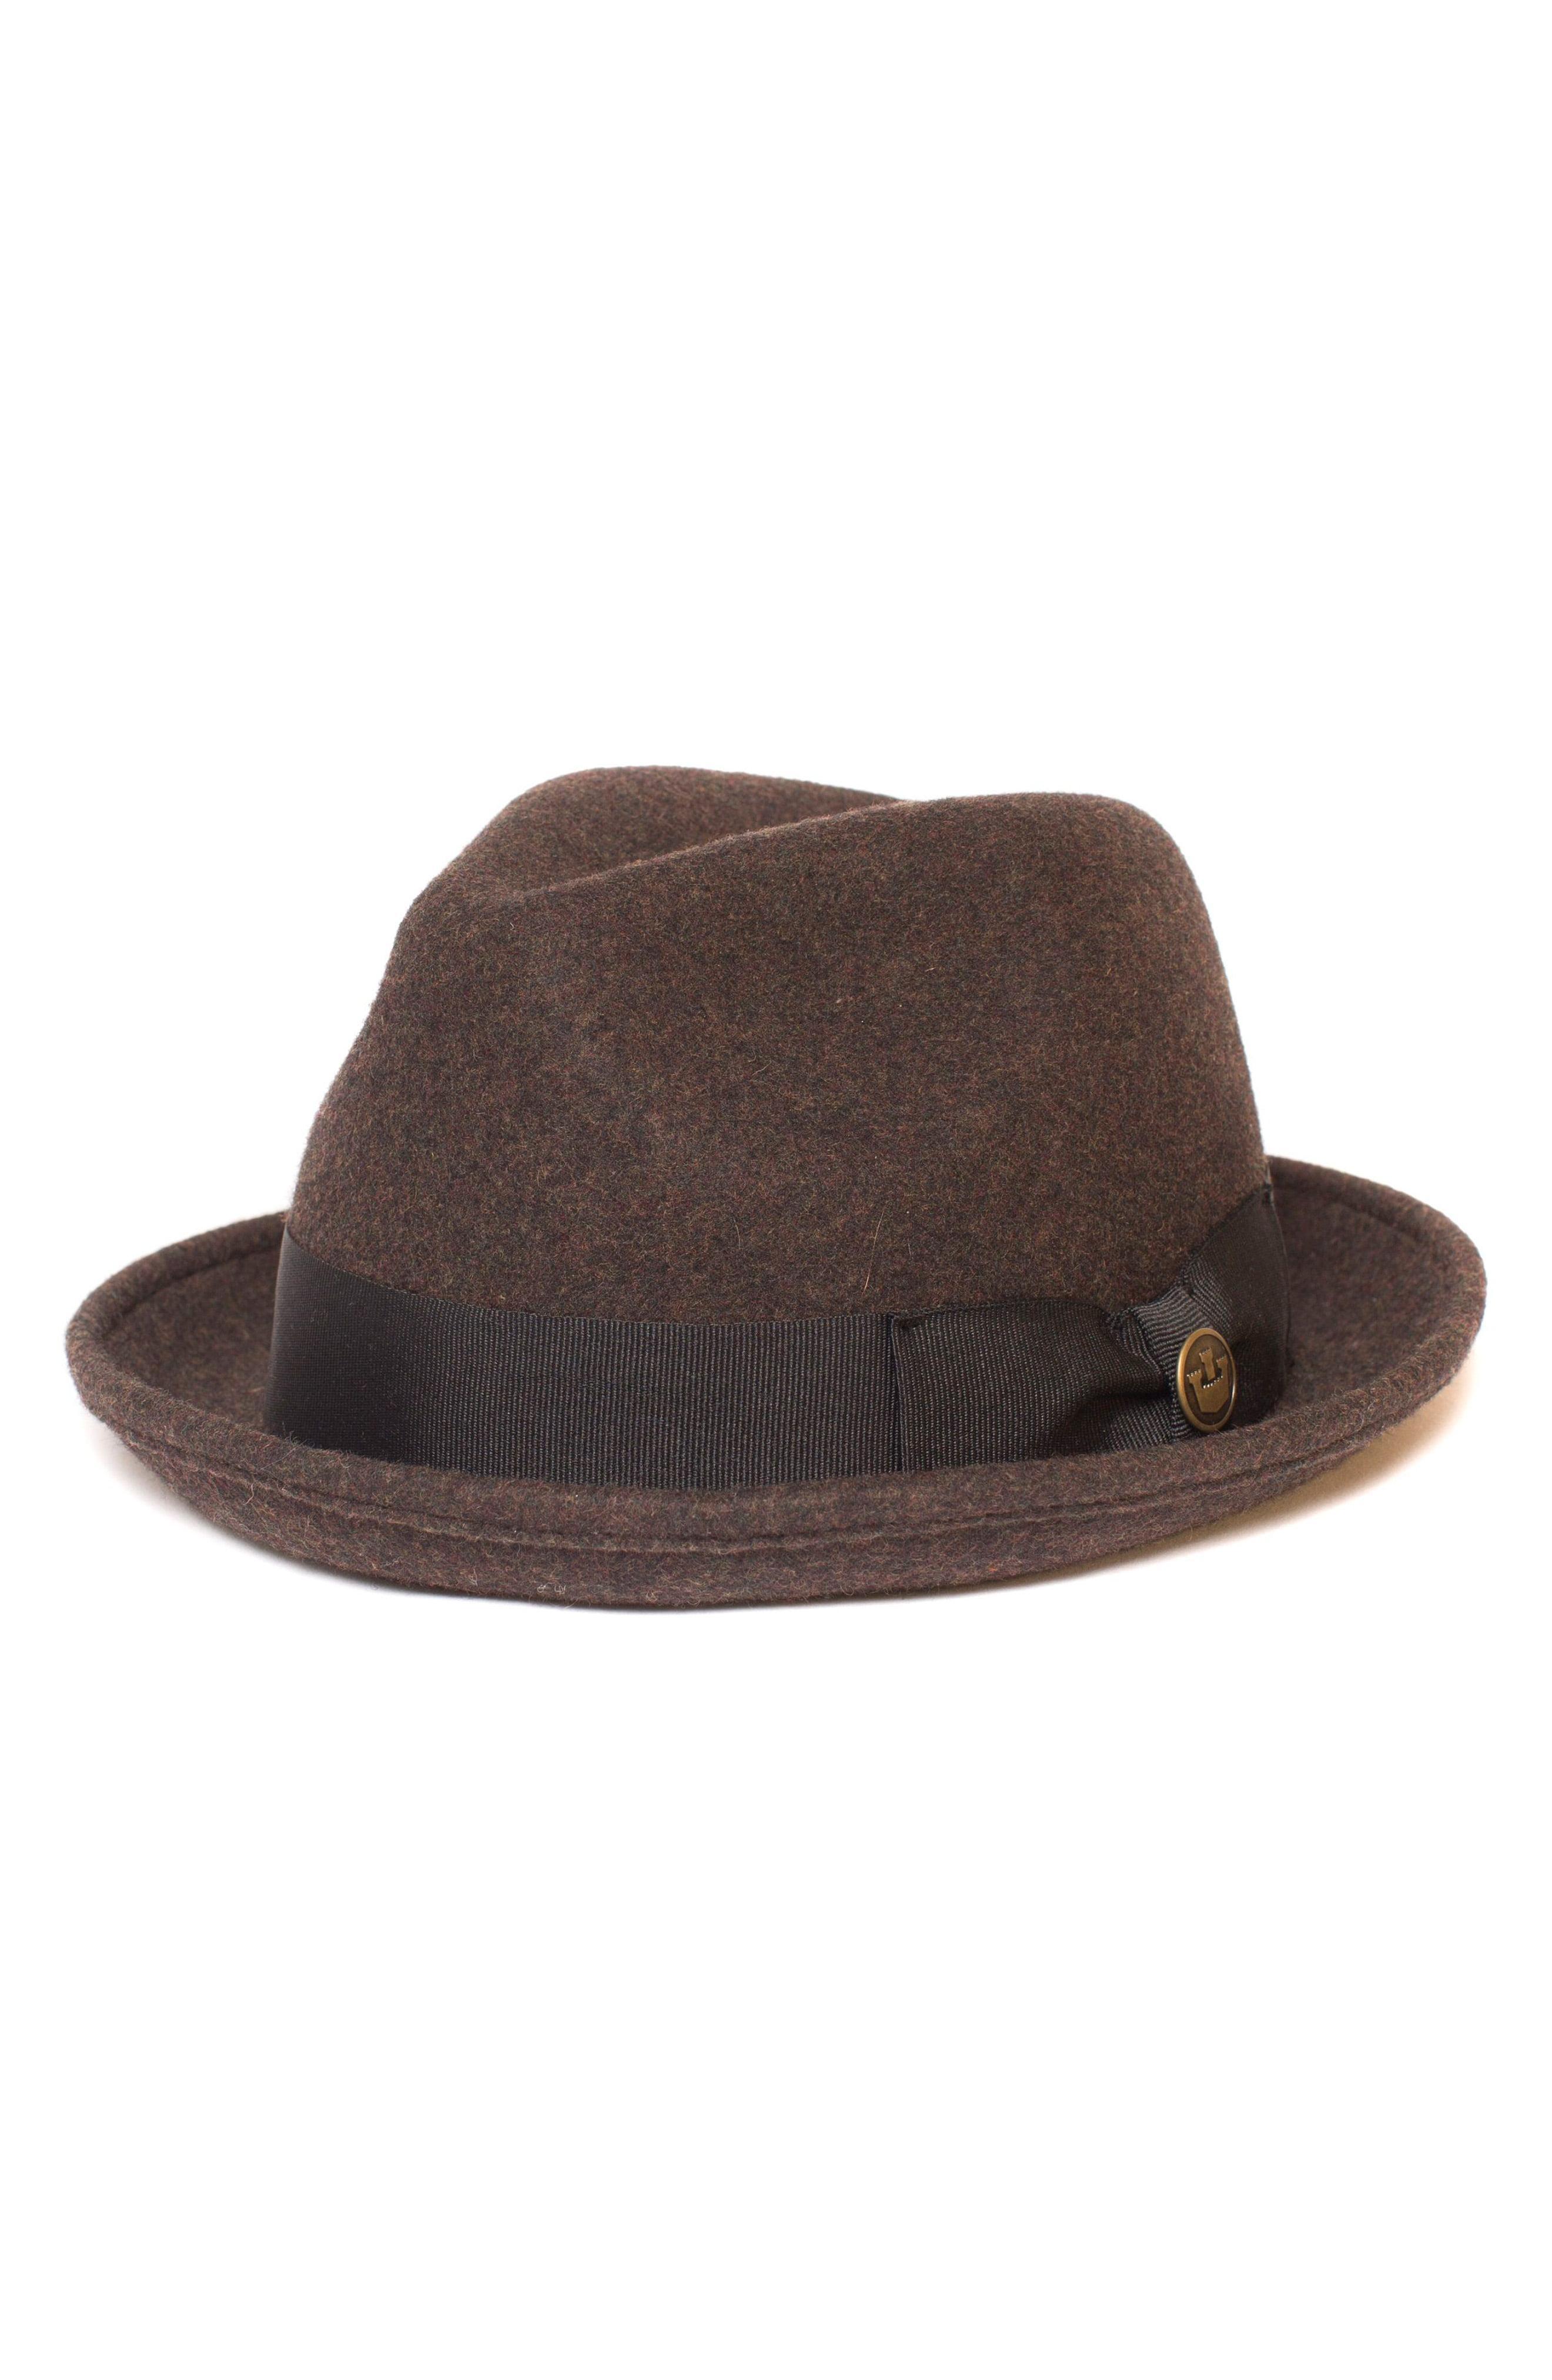 79983b3f692b77 Lyst - Goorin Bros The Good Boy Felt Wool Fedora in Brown for Men